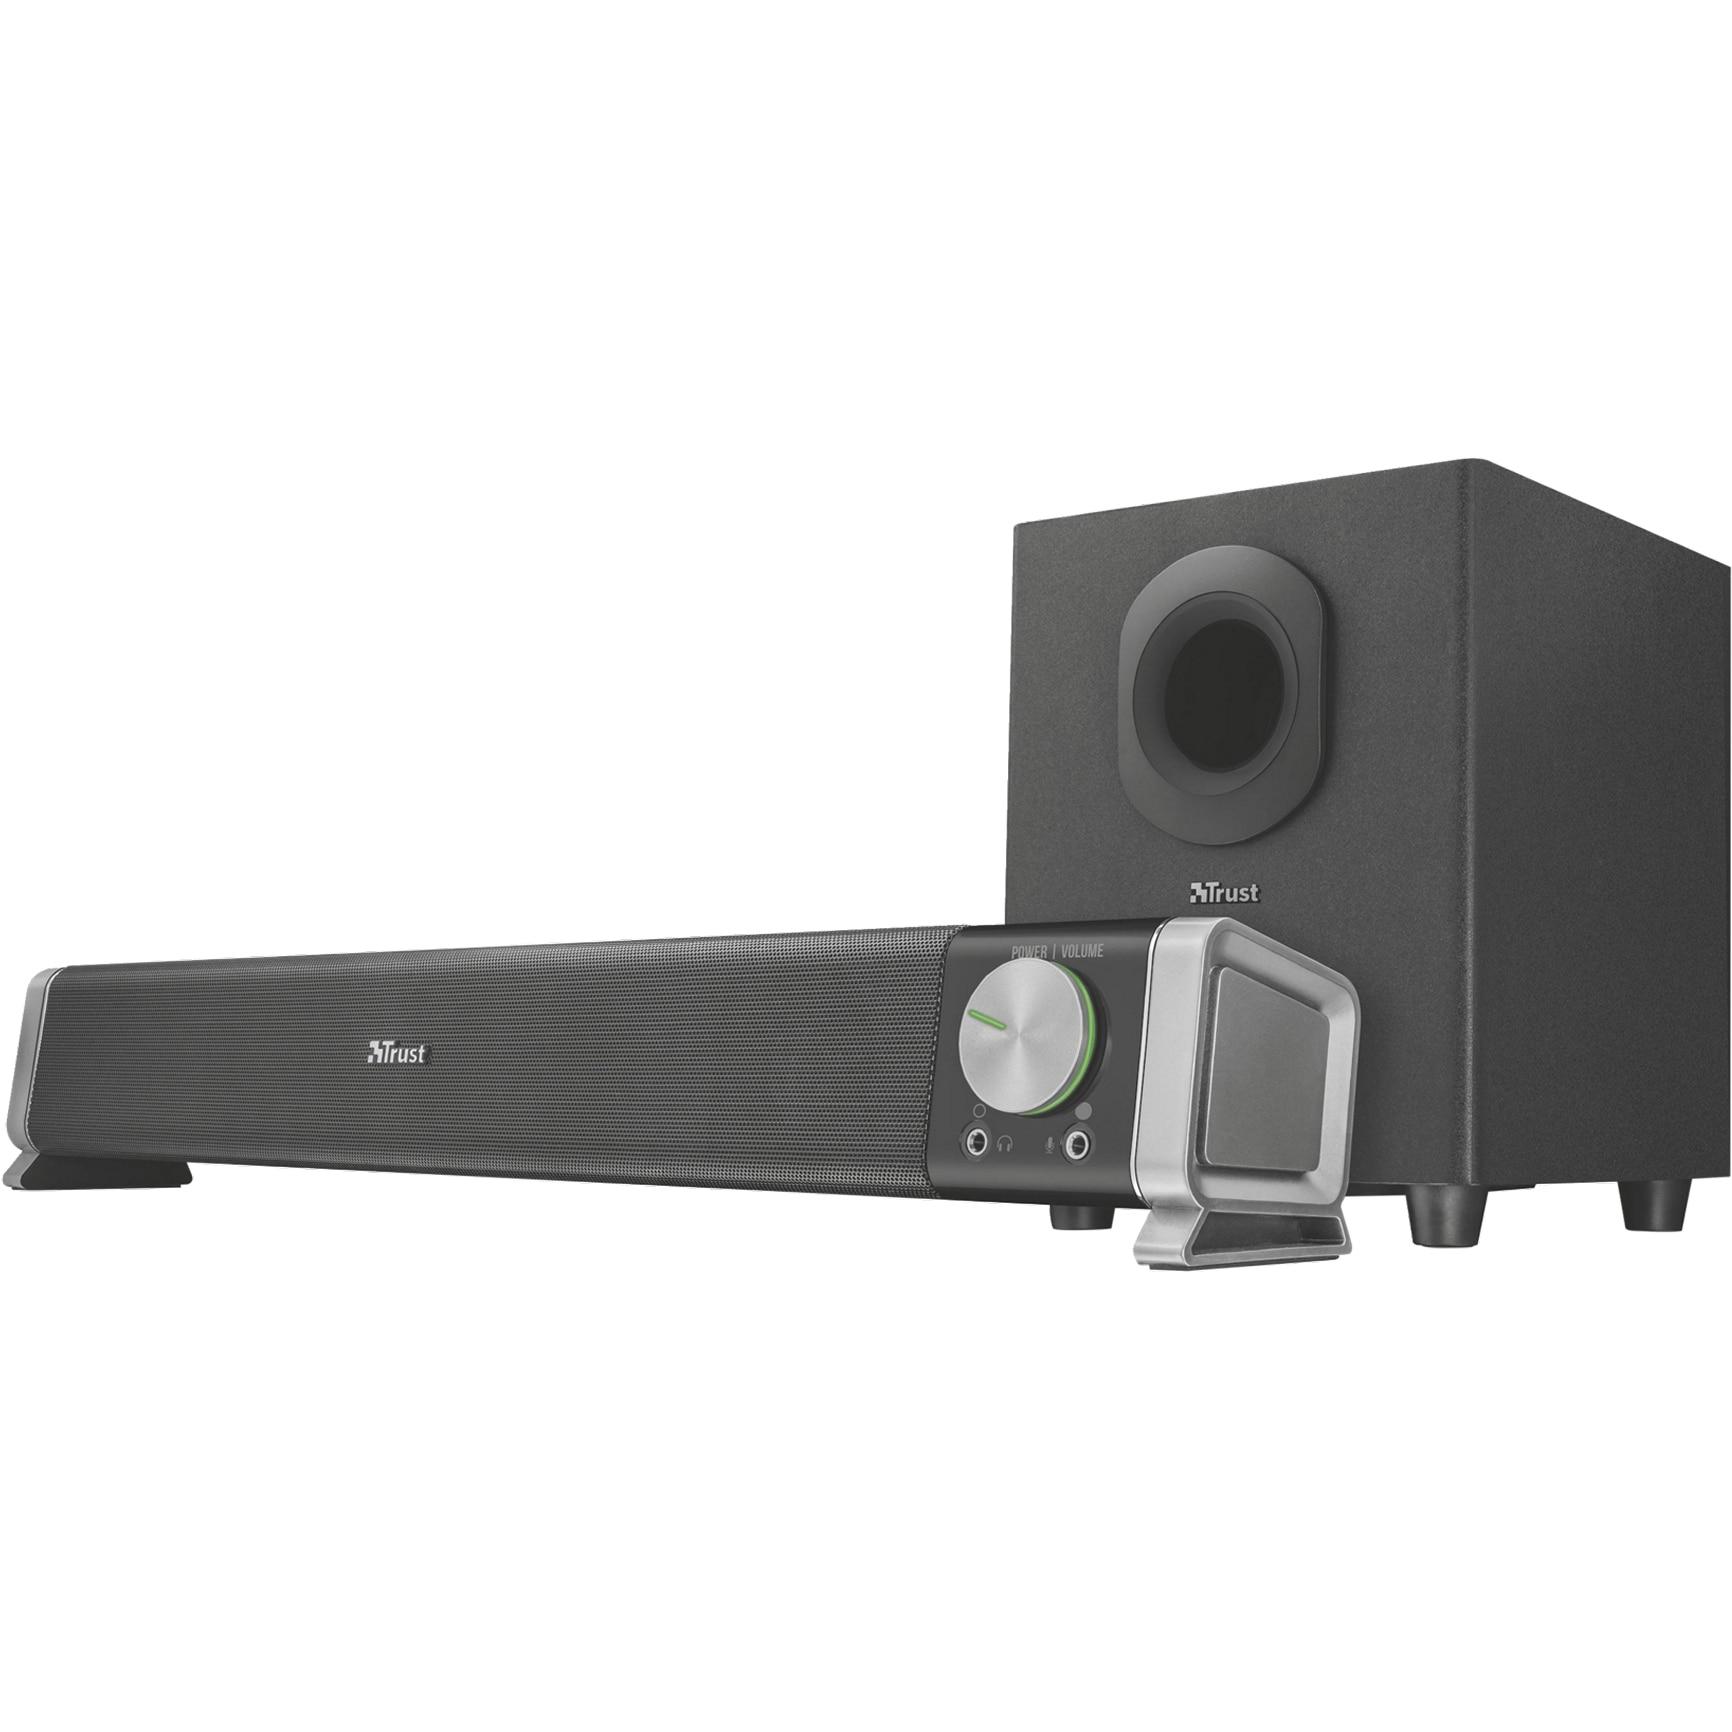 Fotografie Soundbar PC cu subwoofer Trust Asto, 20W, negru